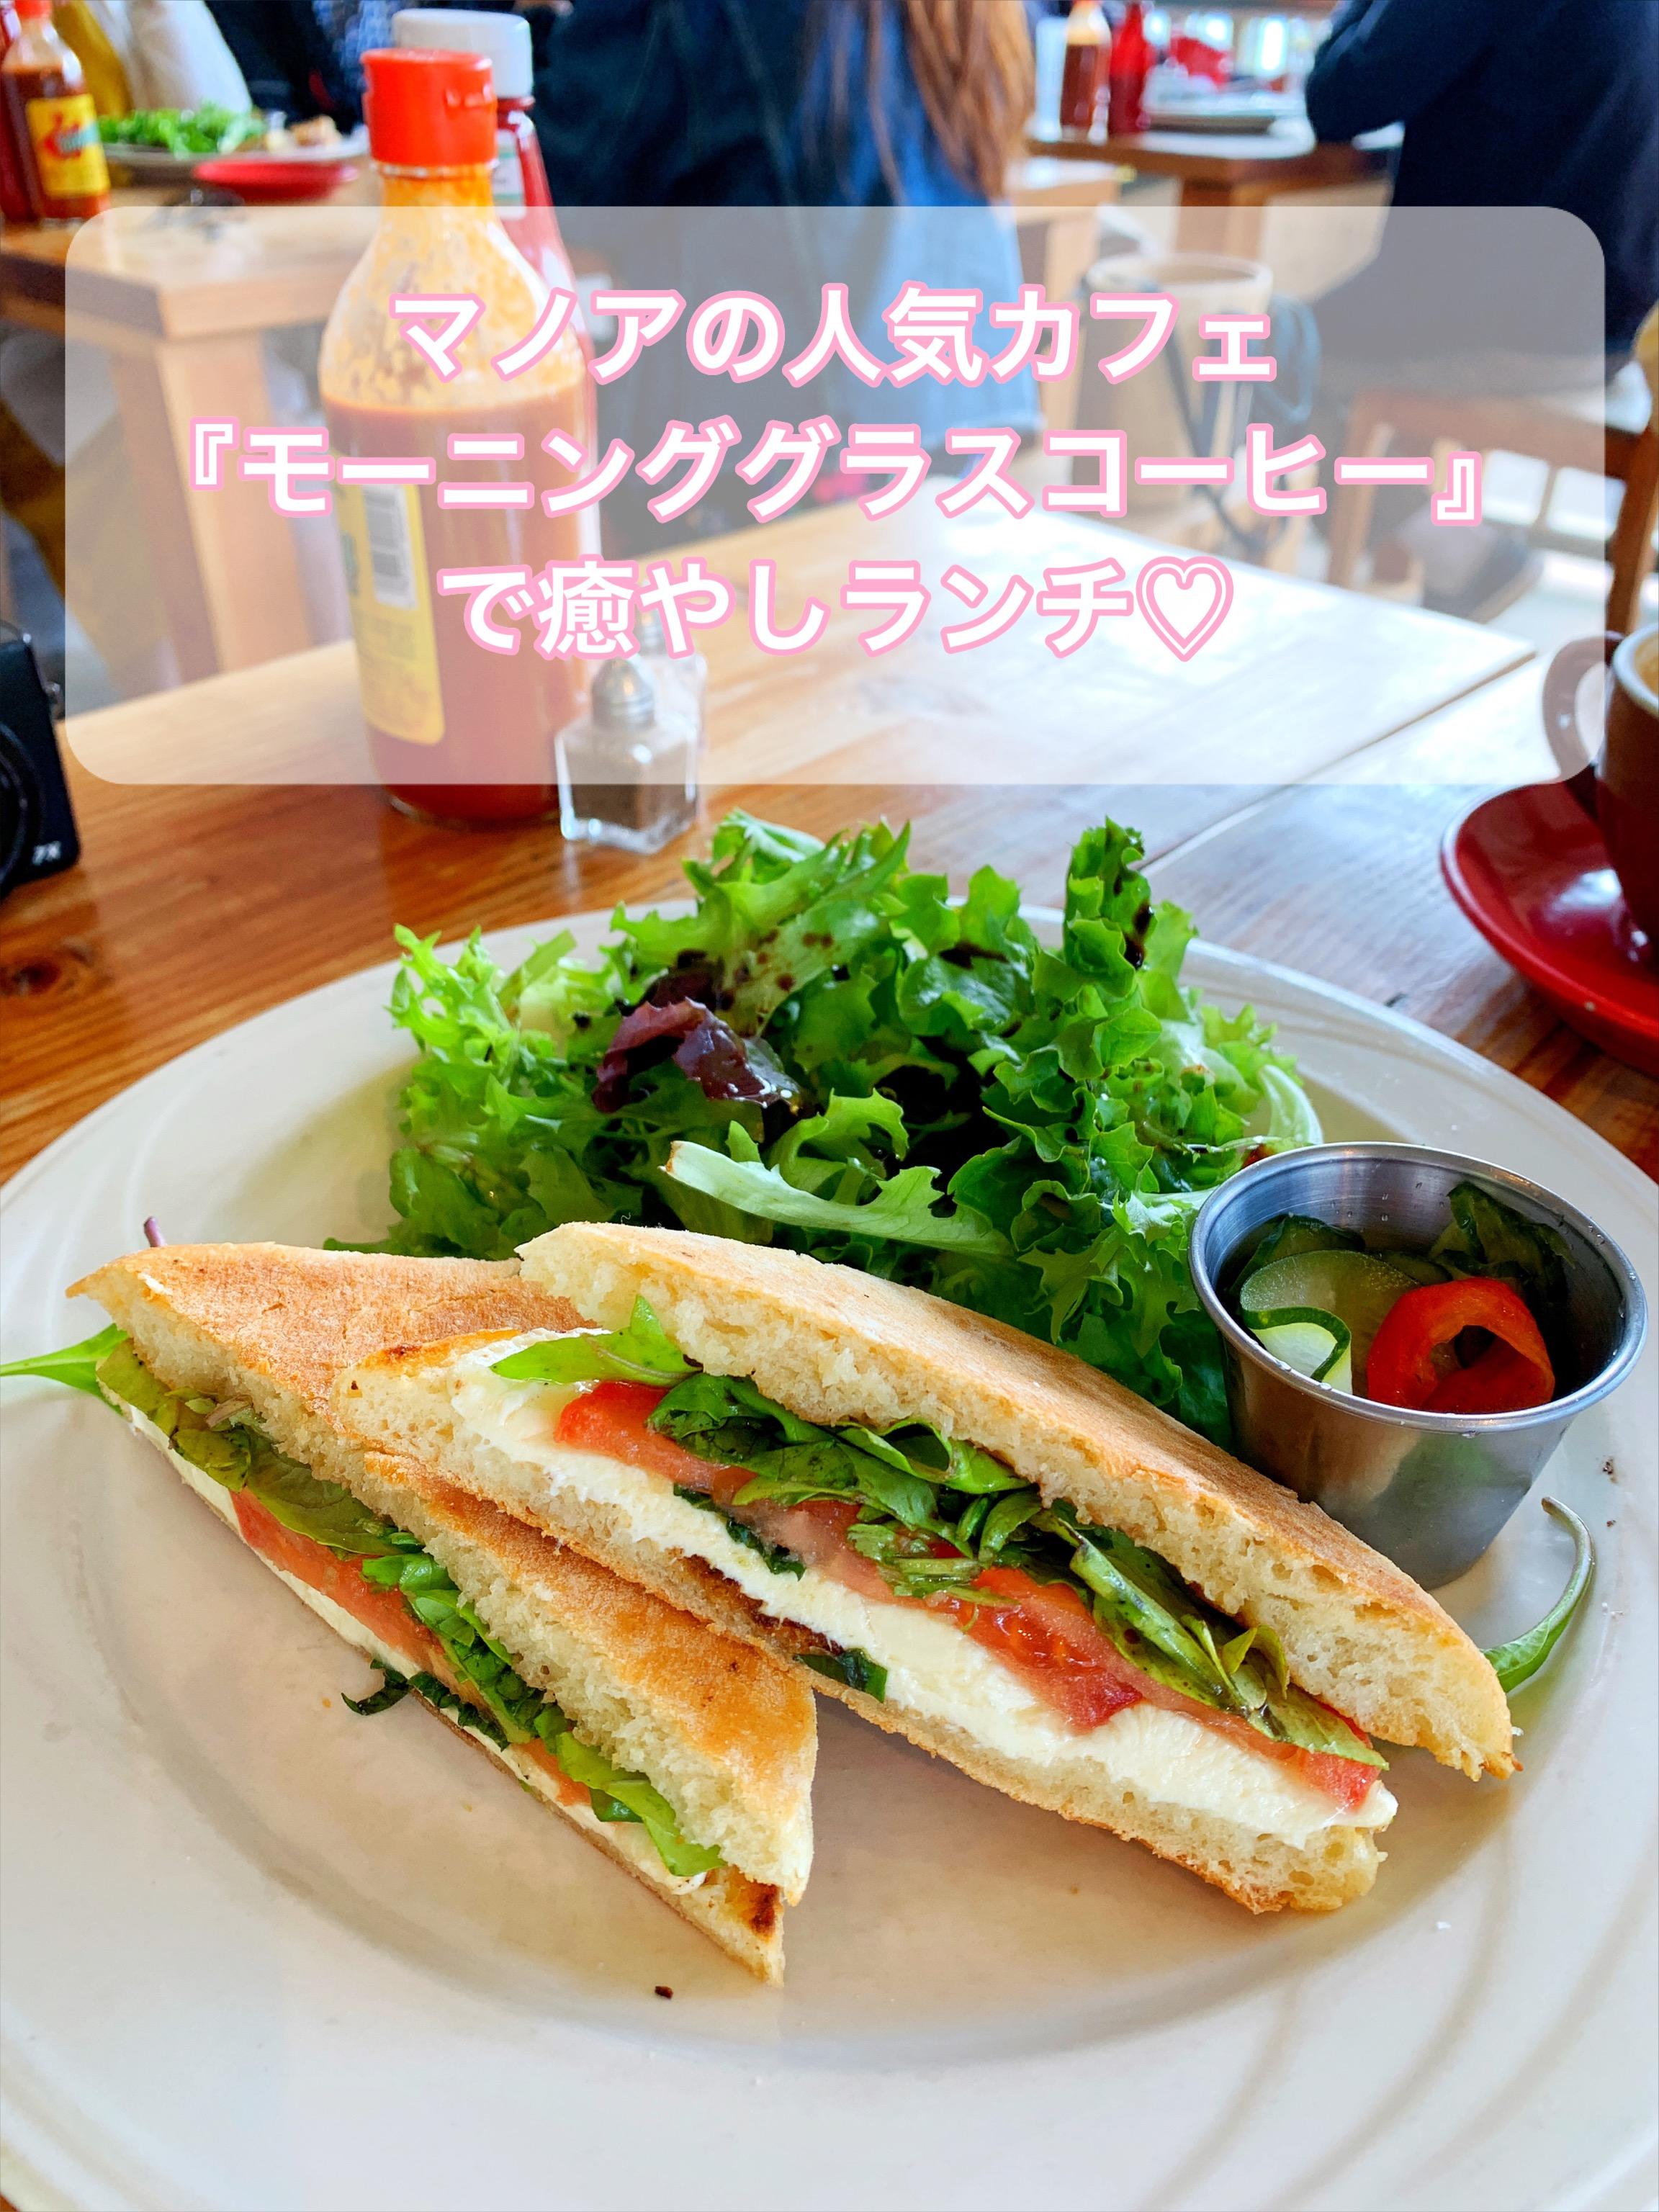 【ハワイグルメ】マノア人気カフェ「モーニング・グラス・コーヒー+カフェ」でランチ